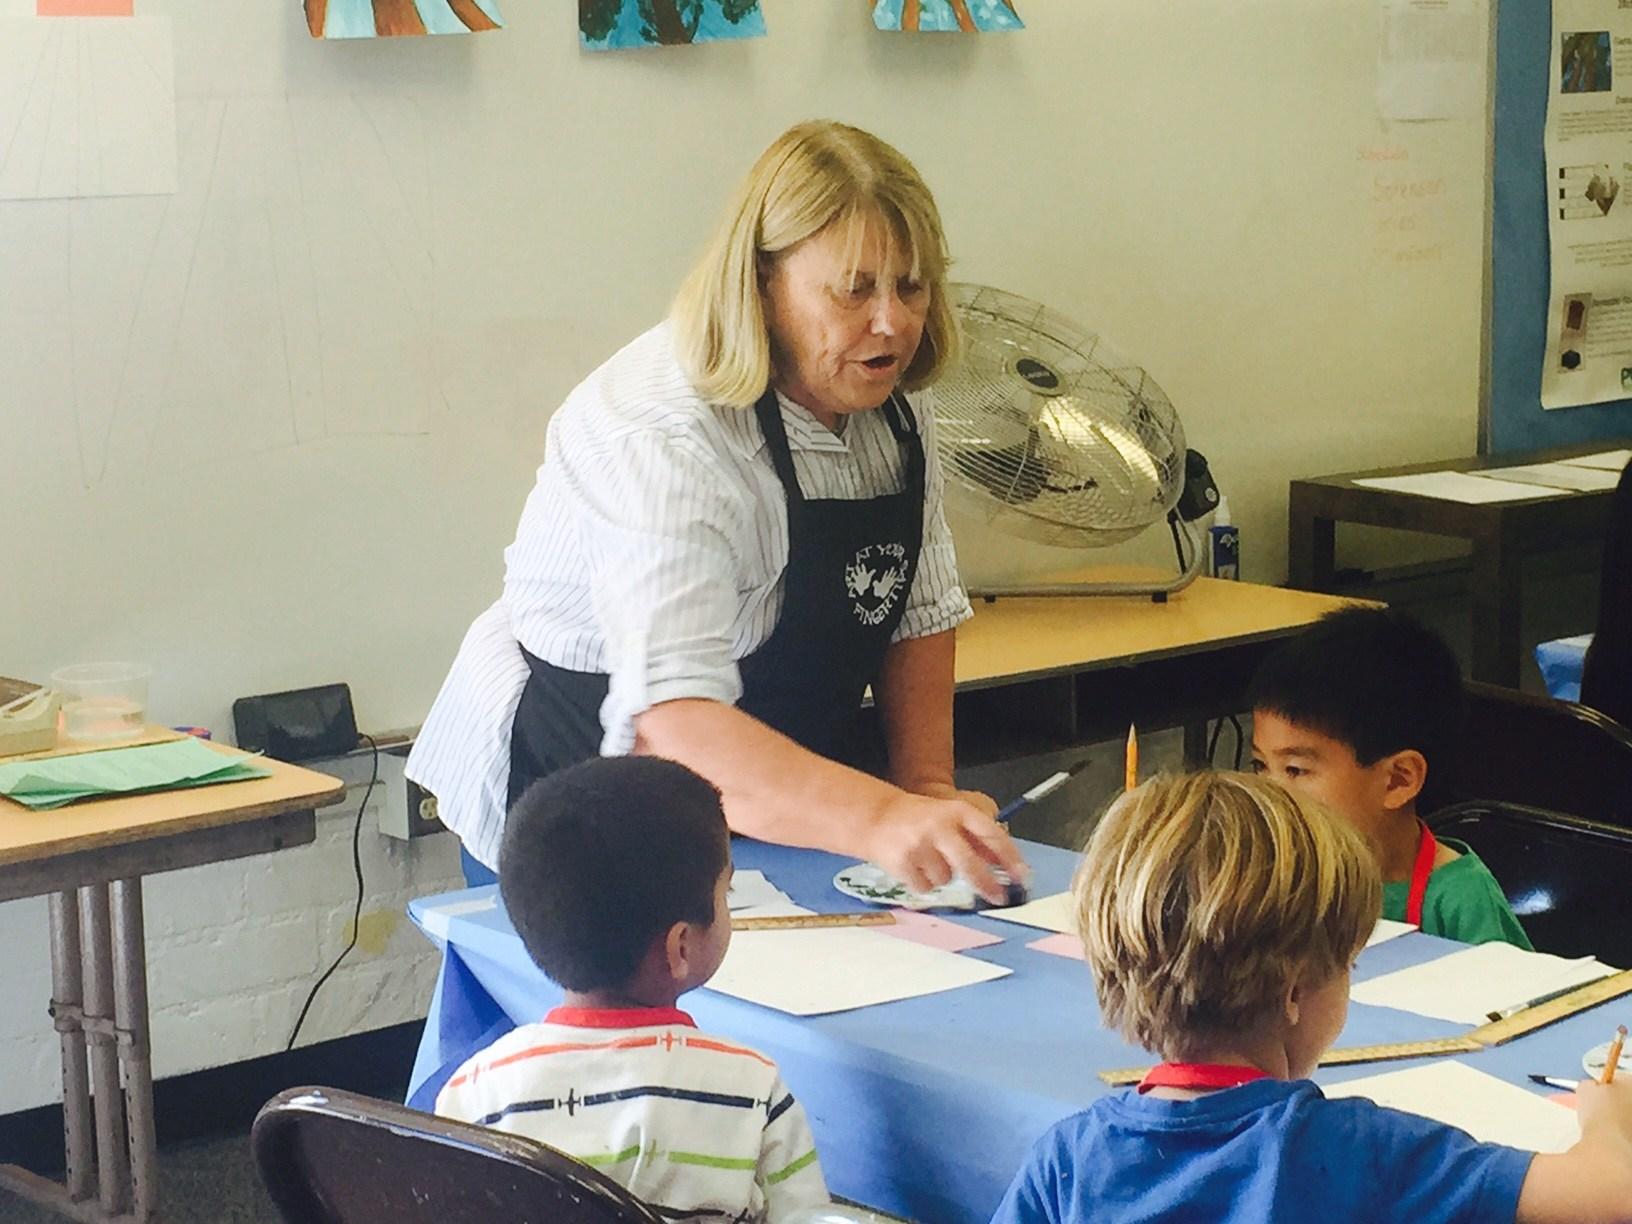 Mrs. Murin leads an art class